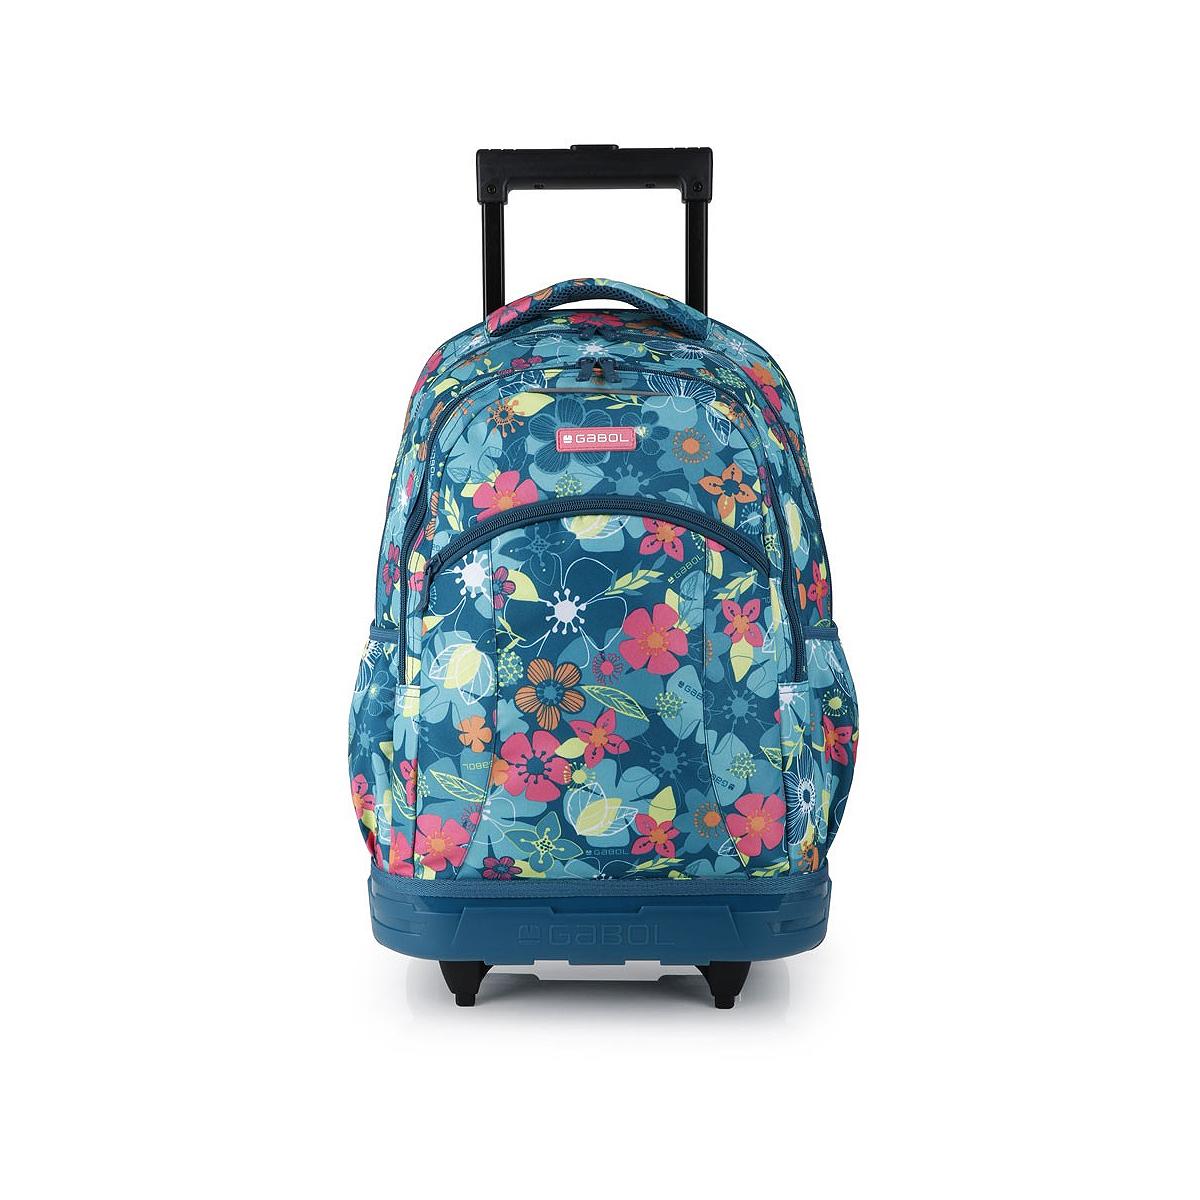 Ghiozdan Troller, Două Compartimente, Multicolor, Model Aloha, Gabol, 224847